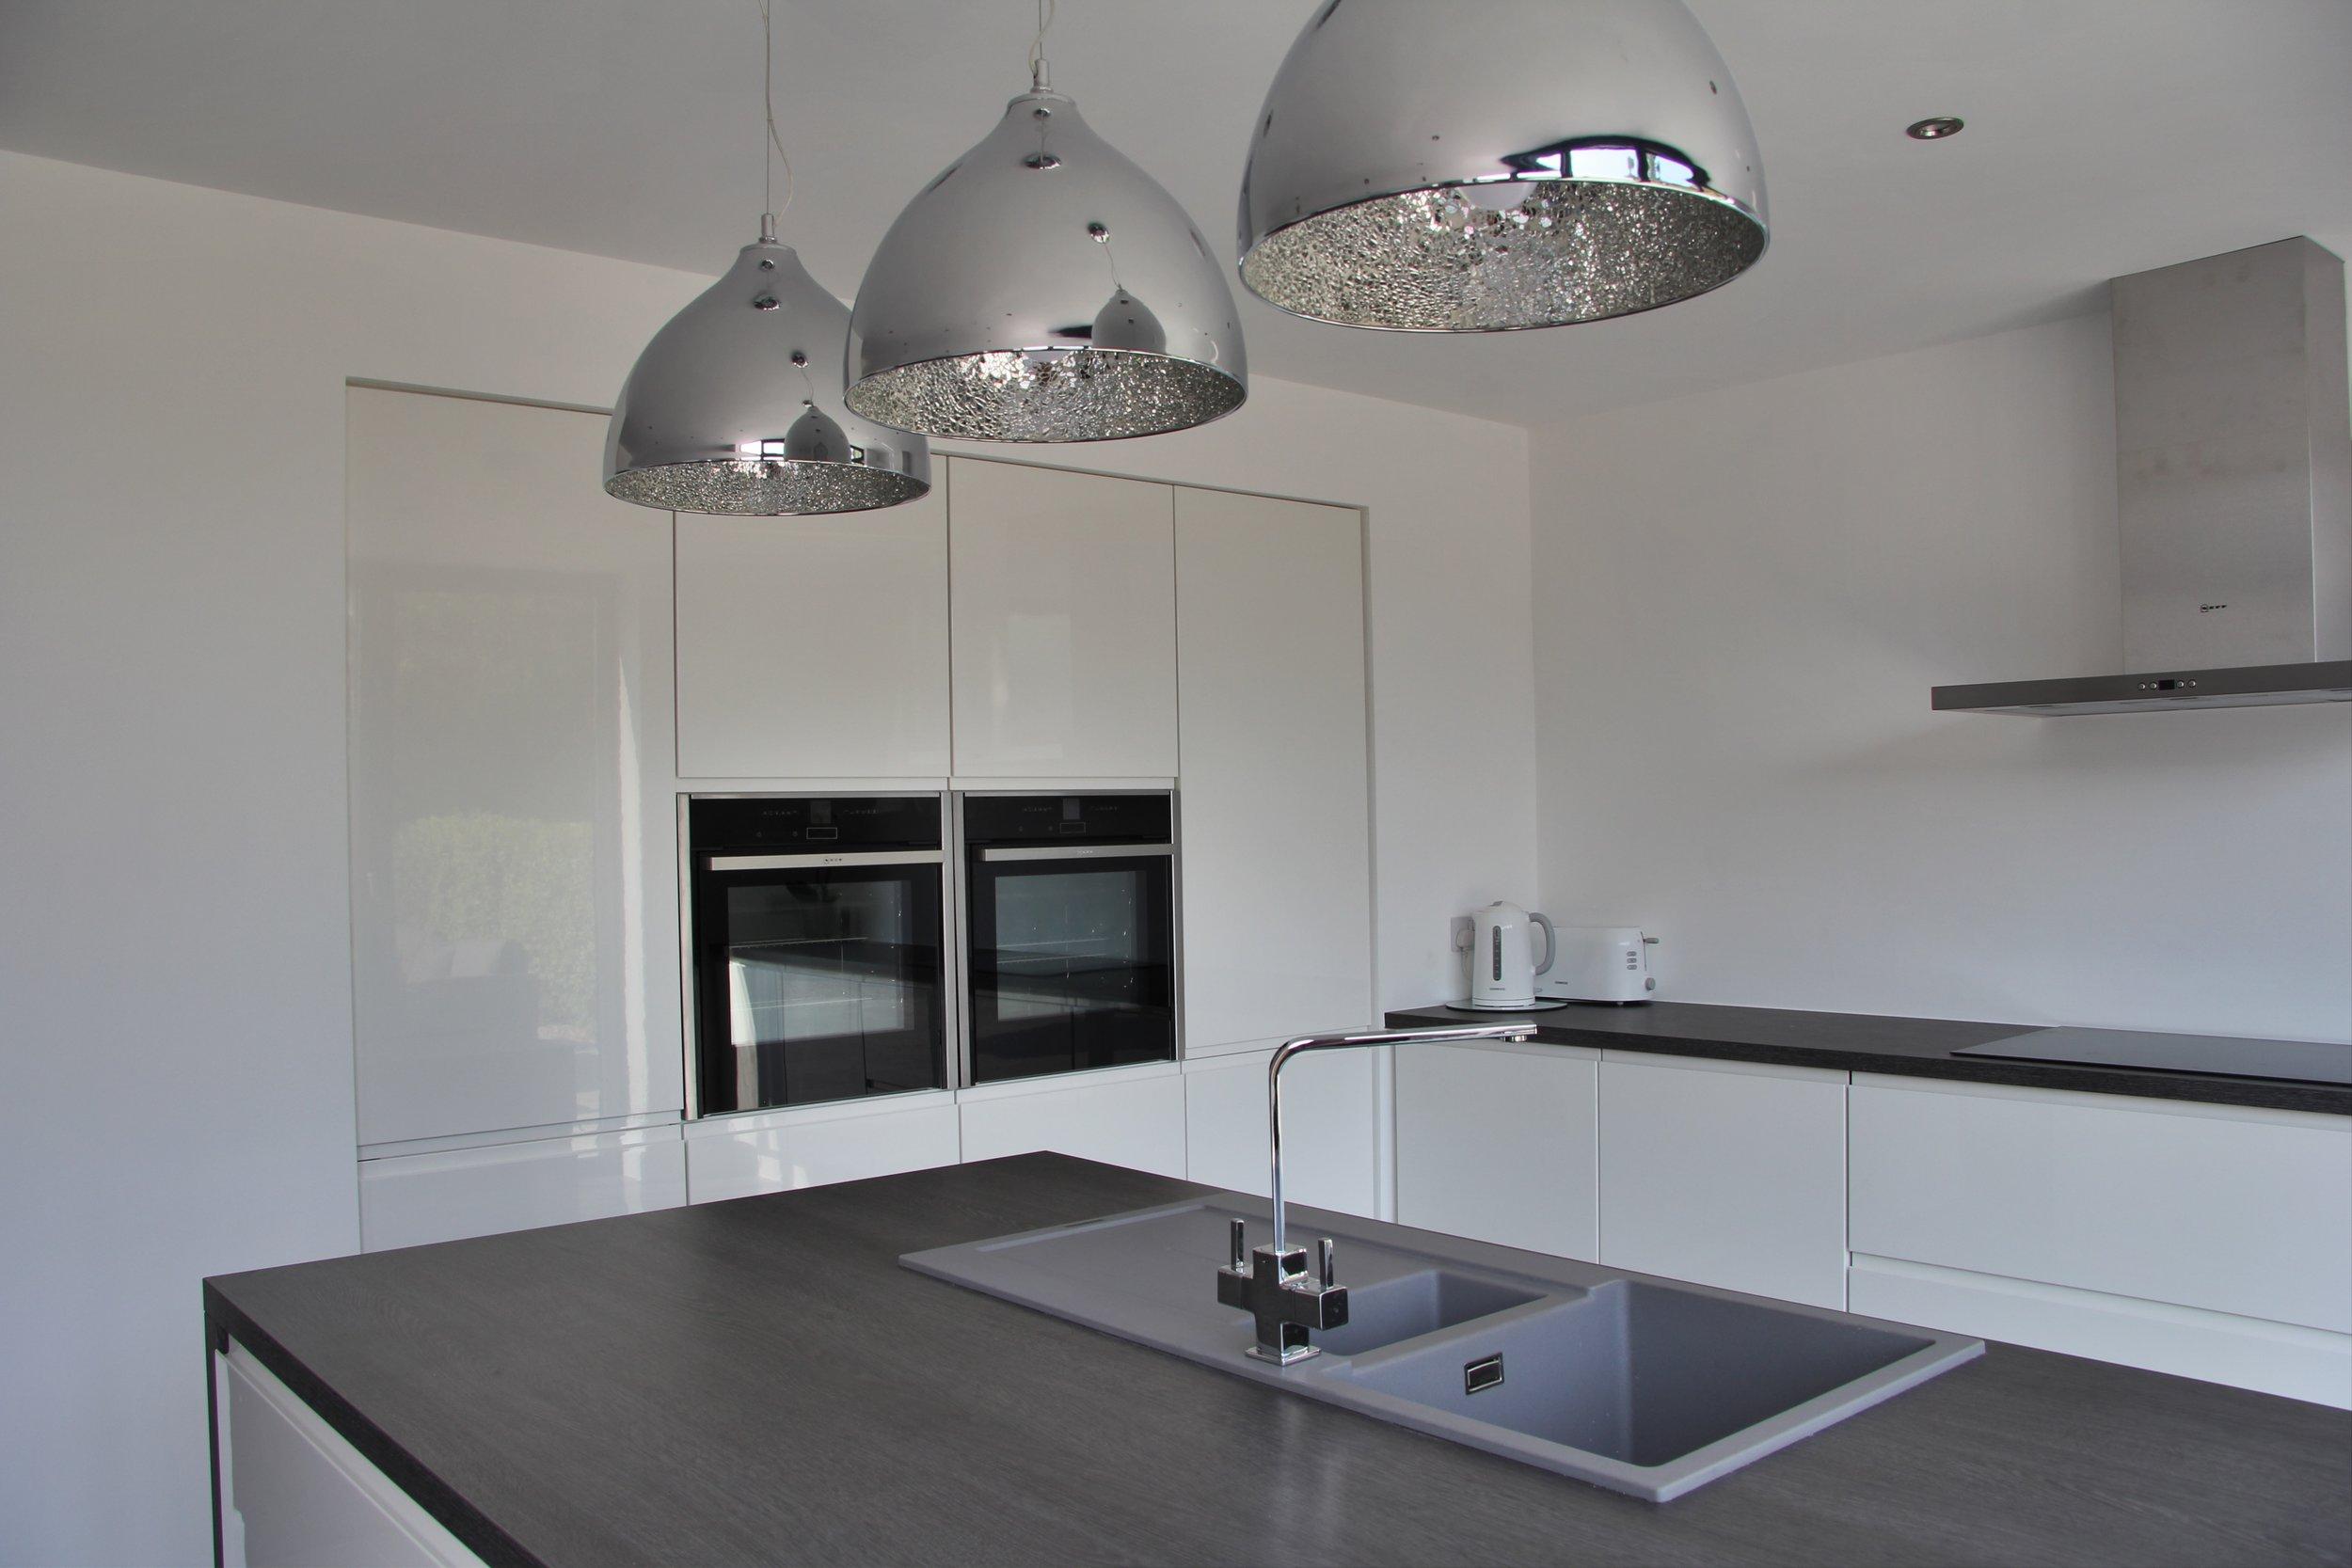 15107_kitchen_2.jpg